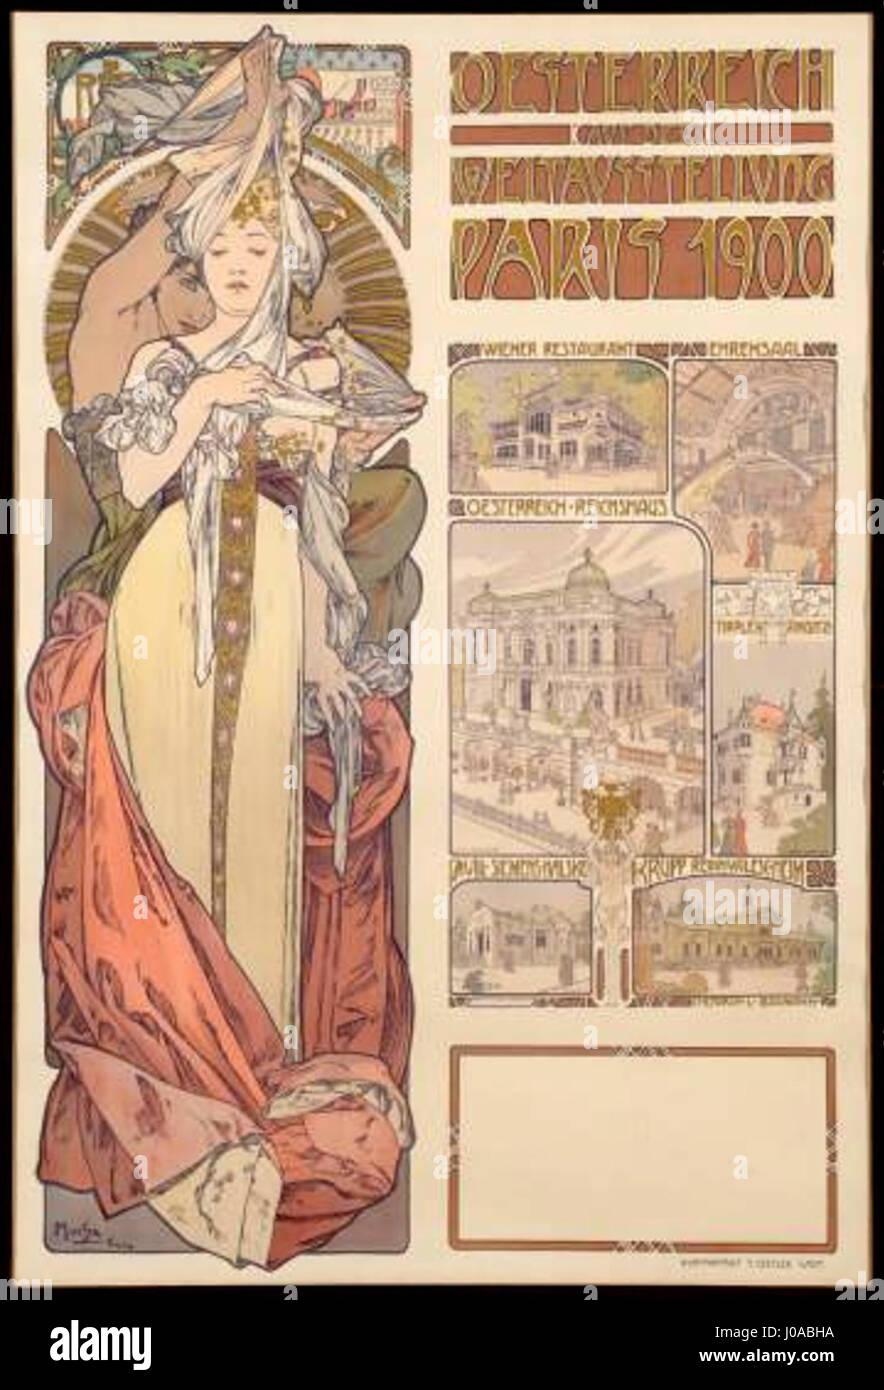 Plakat Mucha Österreich Paris 1900 - Stock Image